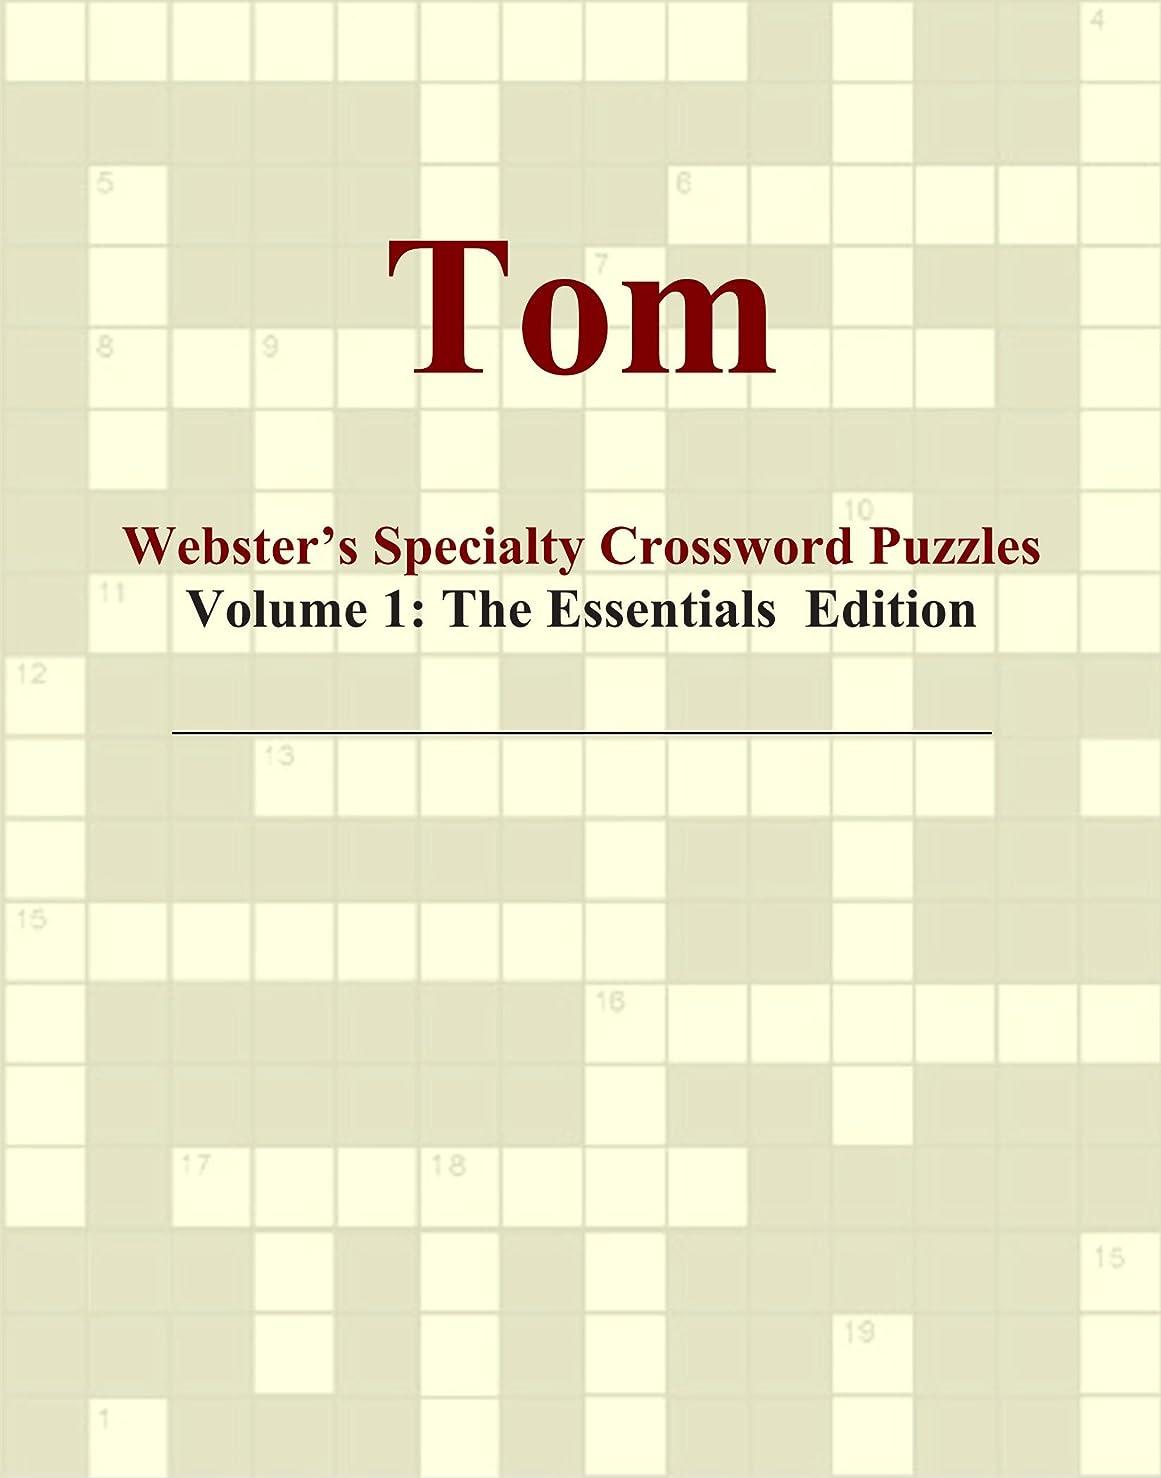 深いハンマー層Tom - Webster's Specialty Crossword Puzzles, Volume 1: The Essentials Edition